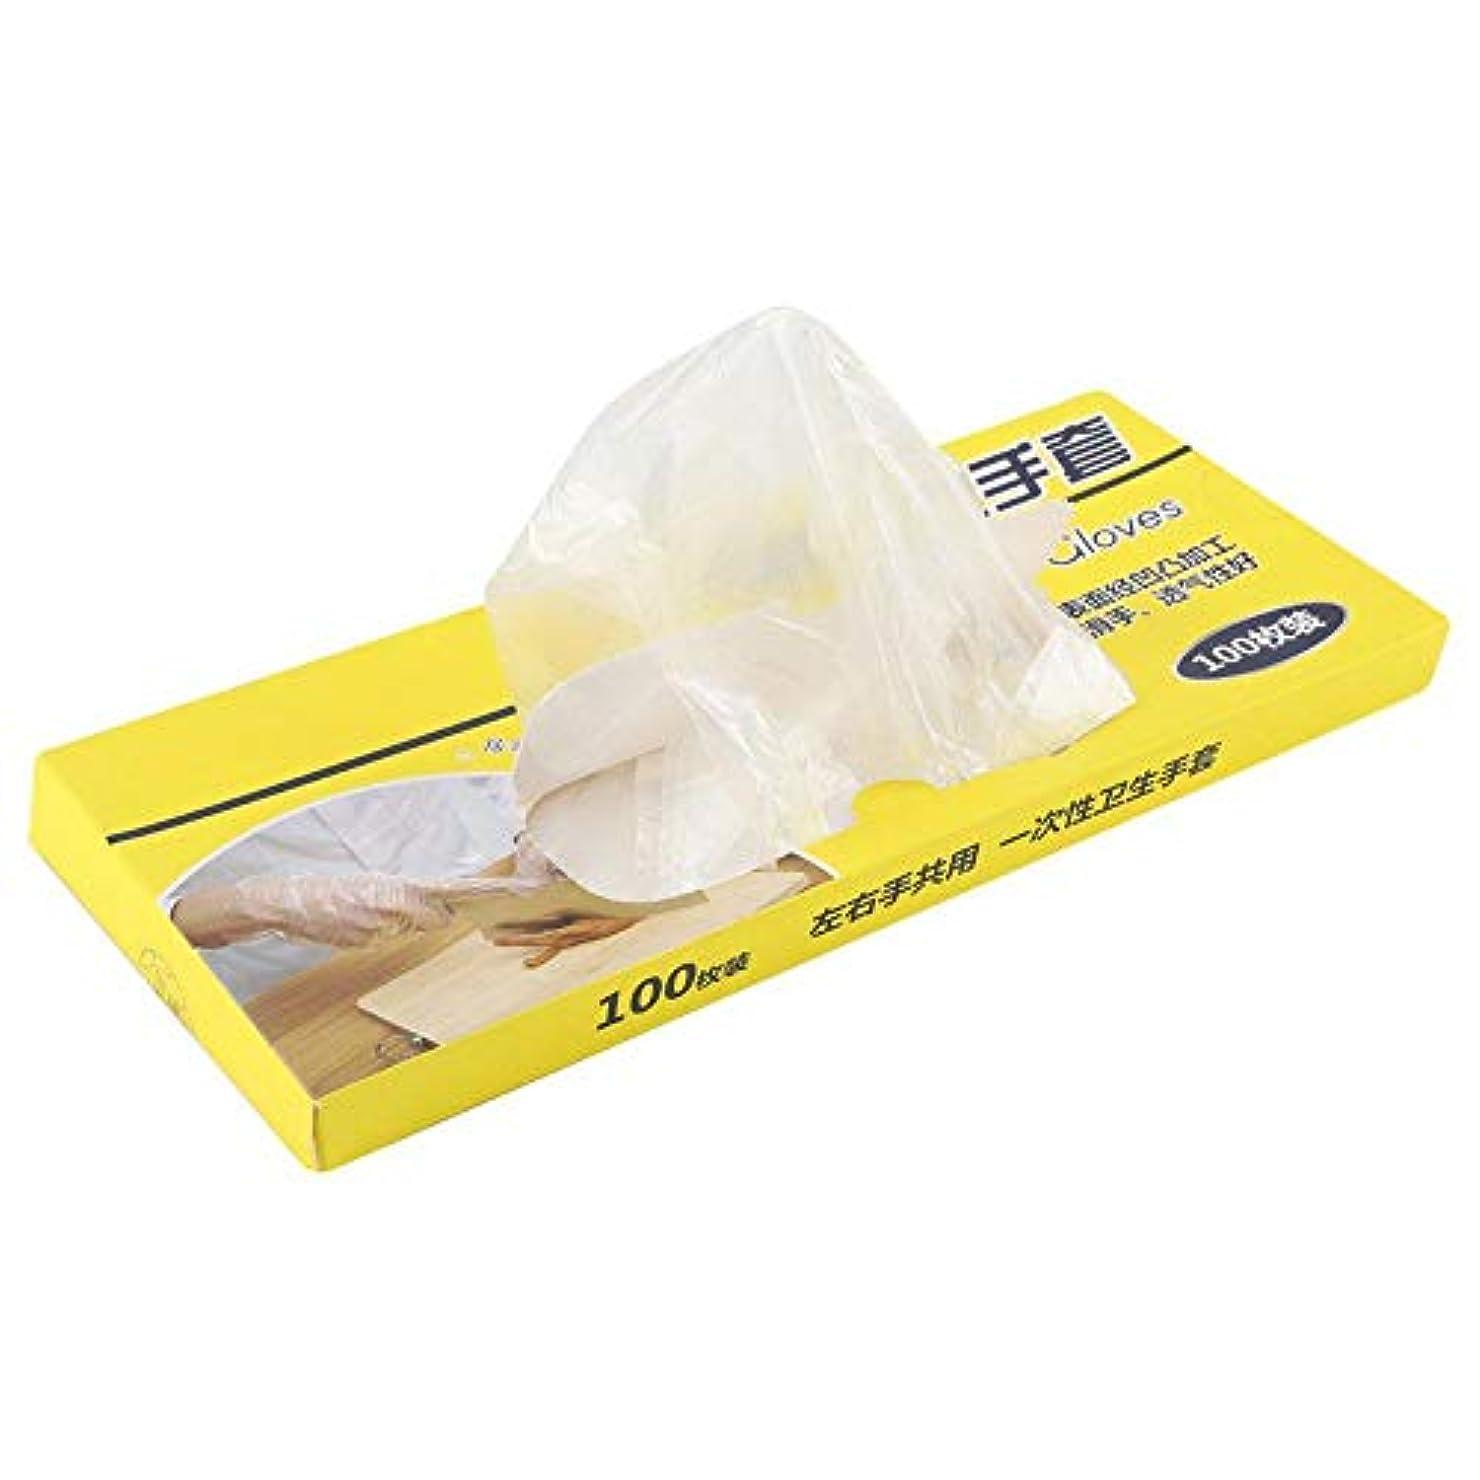 ストローク人里離れた哺乳類Yosoo 100pcs 使い捨てポリ手袋 使い捨て手袋 極薄手袋 調理 お掃除 使い捨て手袋 極薄ビニール手袋 透明 実用 衛生